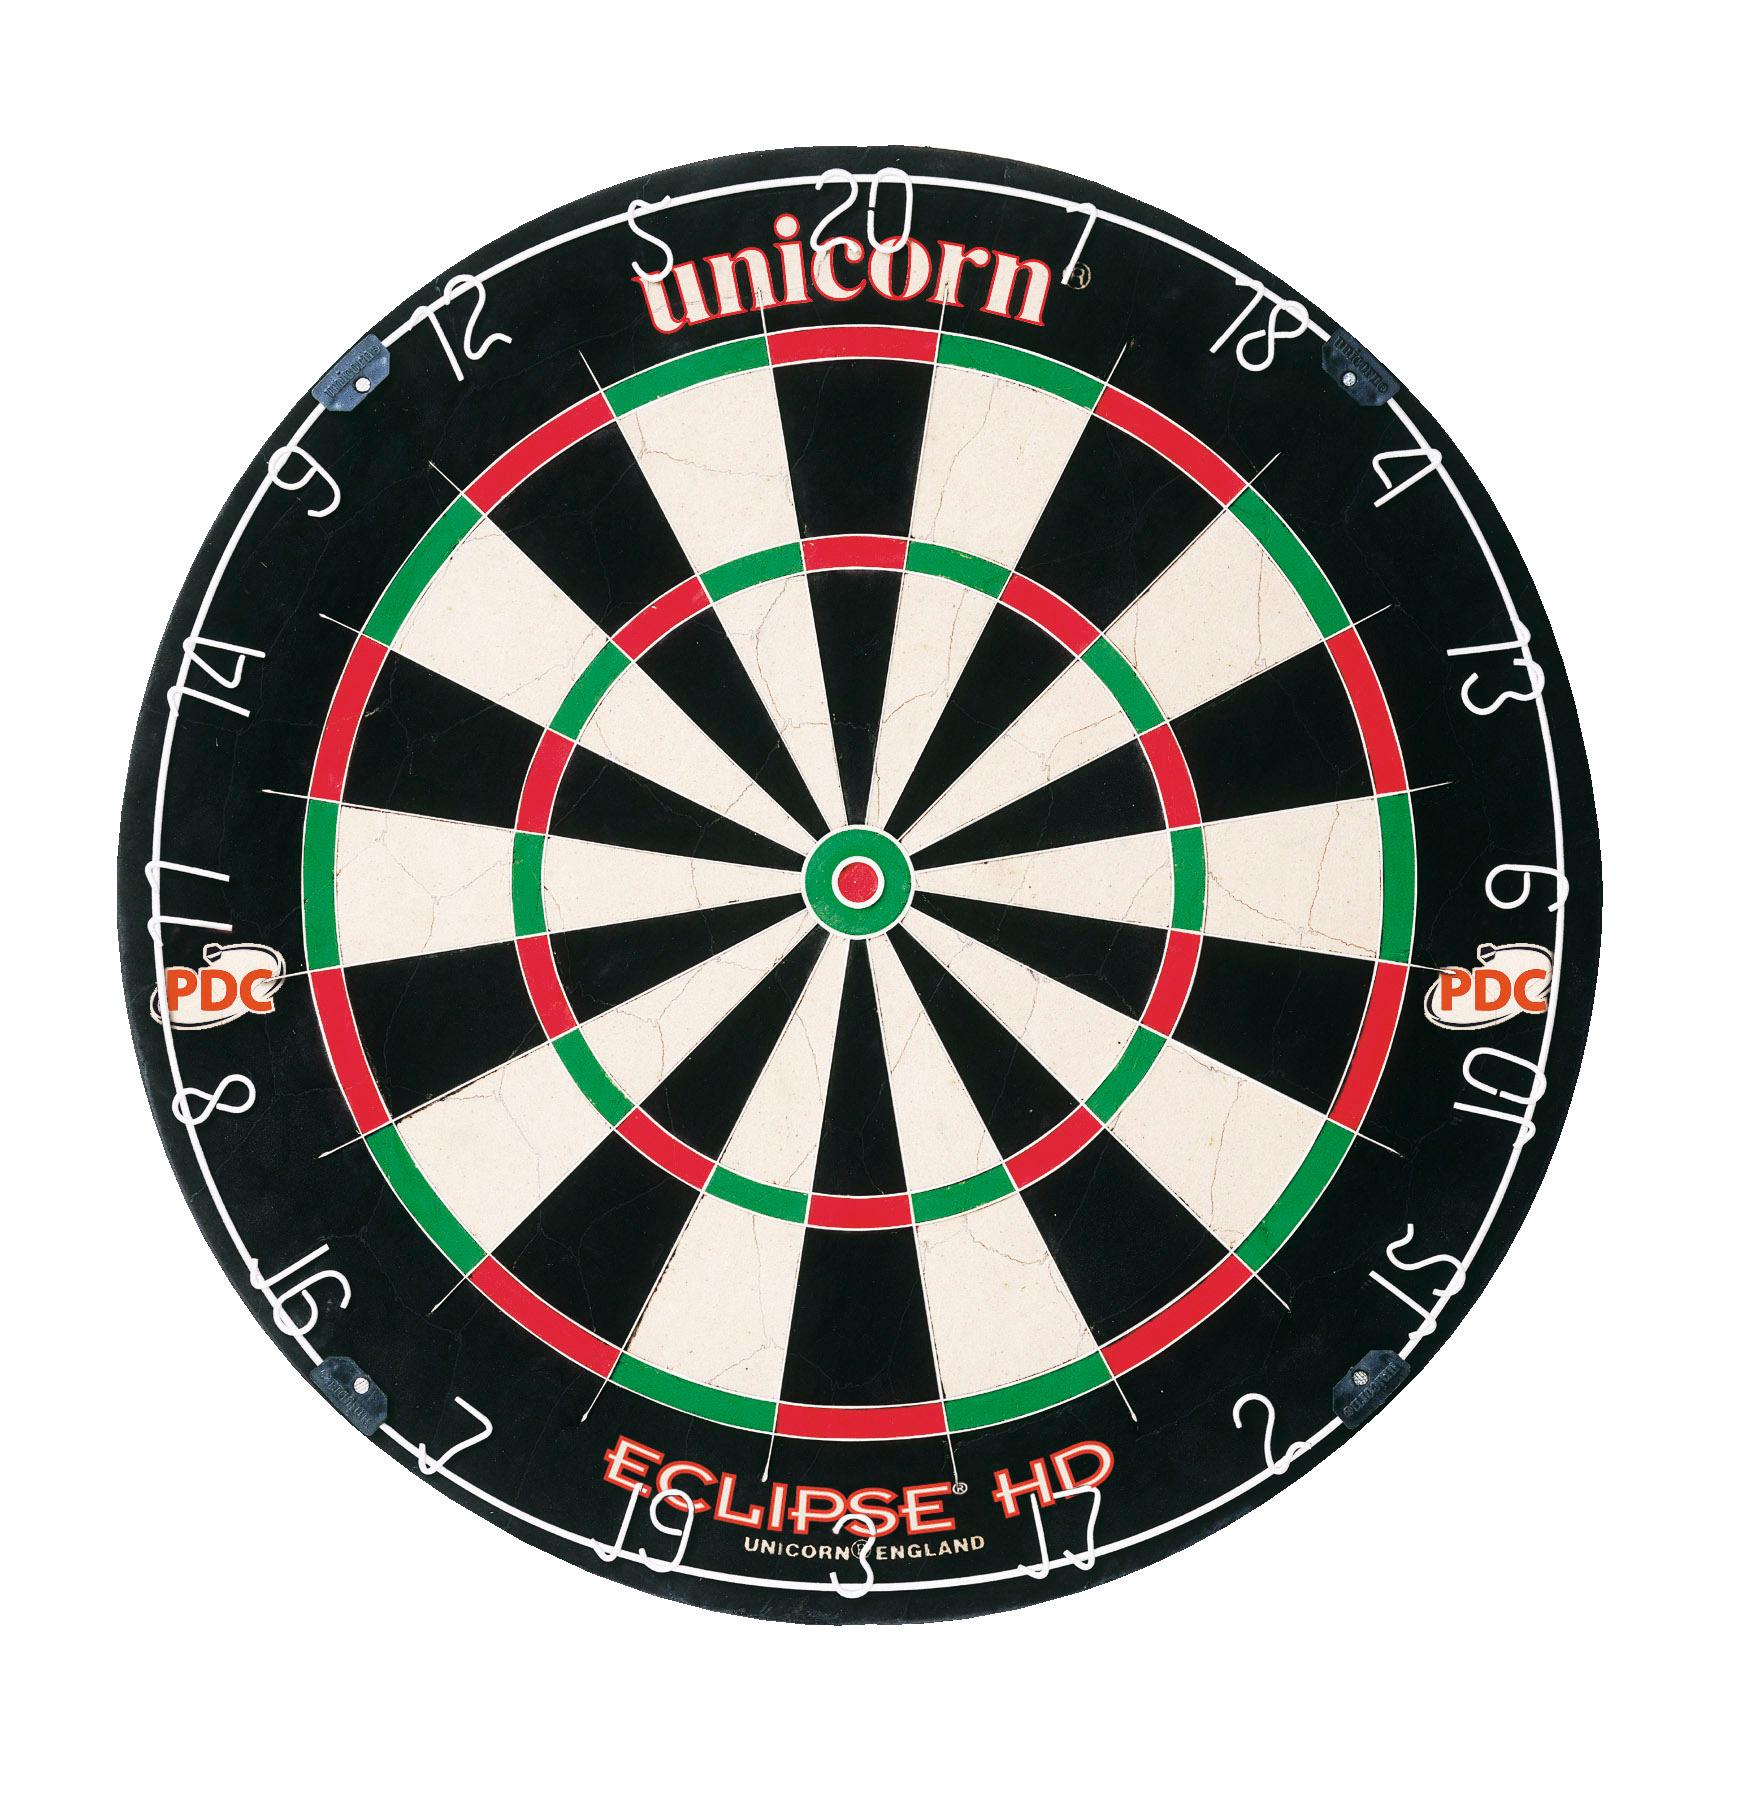 Na sierpień 2012 roku firma Unicorn zapowiedziała nowy model tarczy sizalowej: Unicorn Eclipse HD.  Przypomnijmy, że firma Unicorn od wielu lat dostarcza tarcze na wszystkie turnieje organizacji PDC i […]